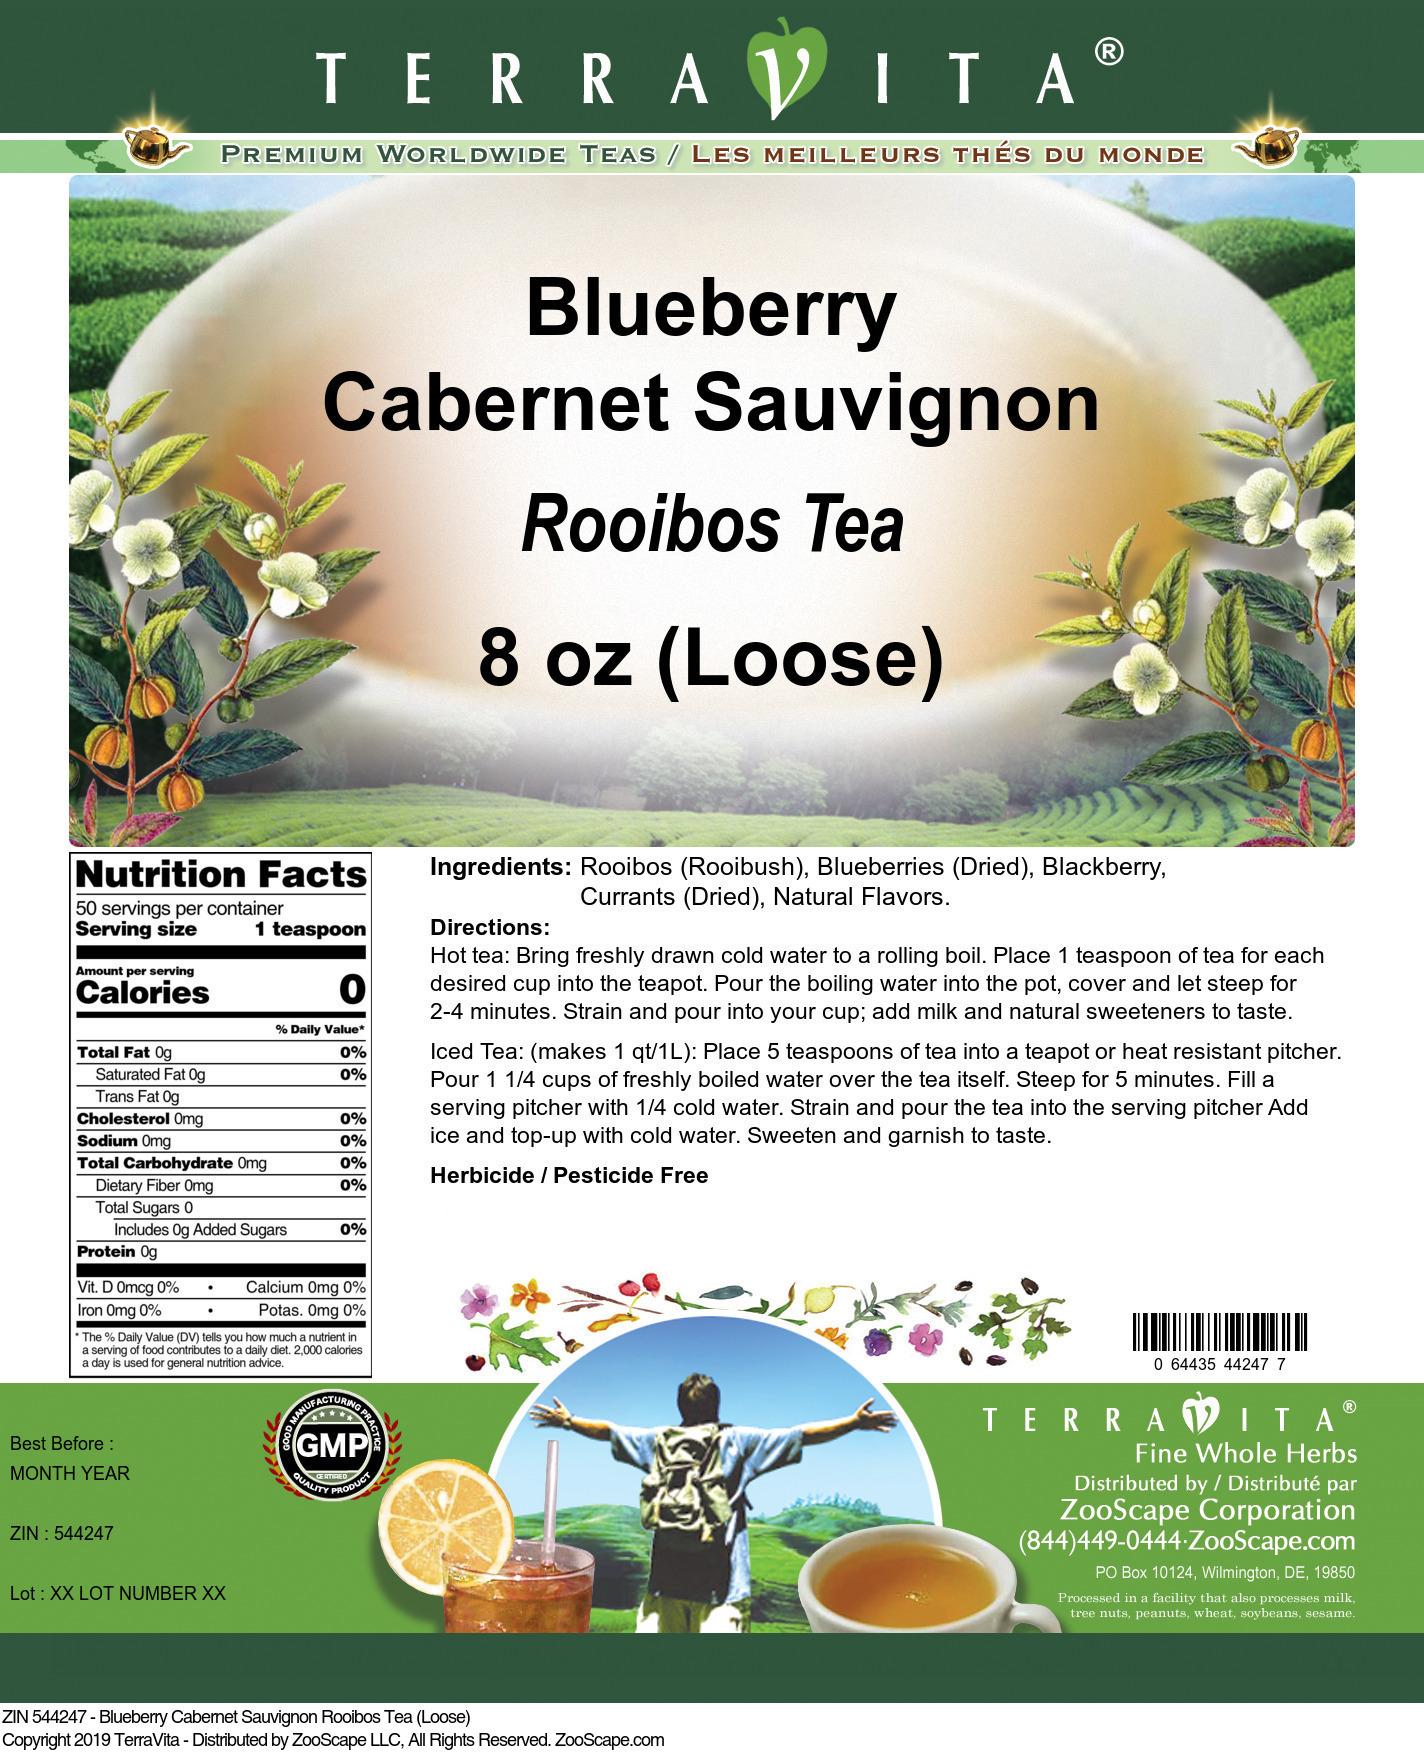 Blueberry Cabernet Sauvignon Rooibos Tea (Loose)